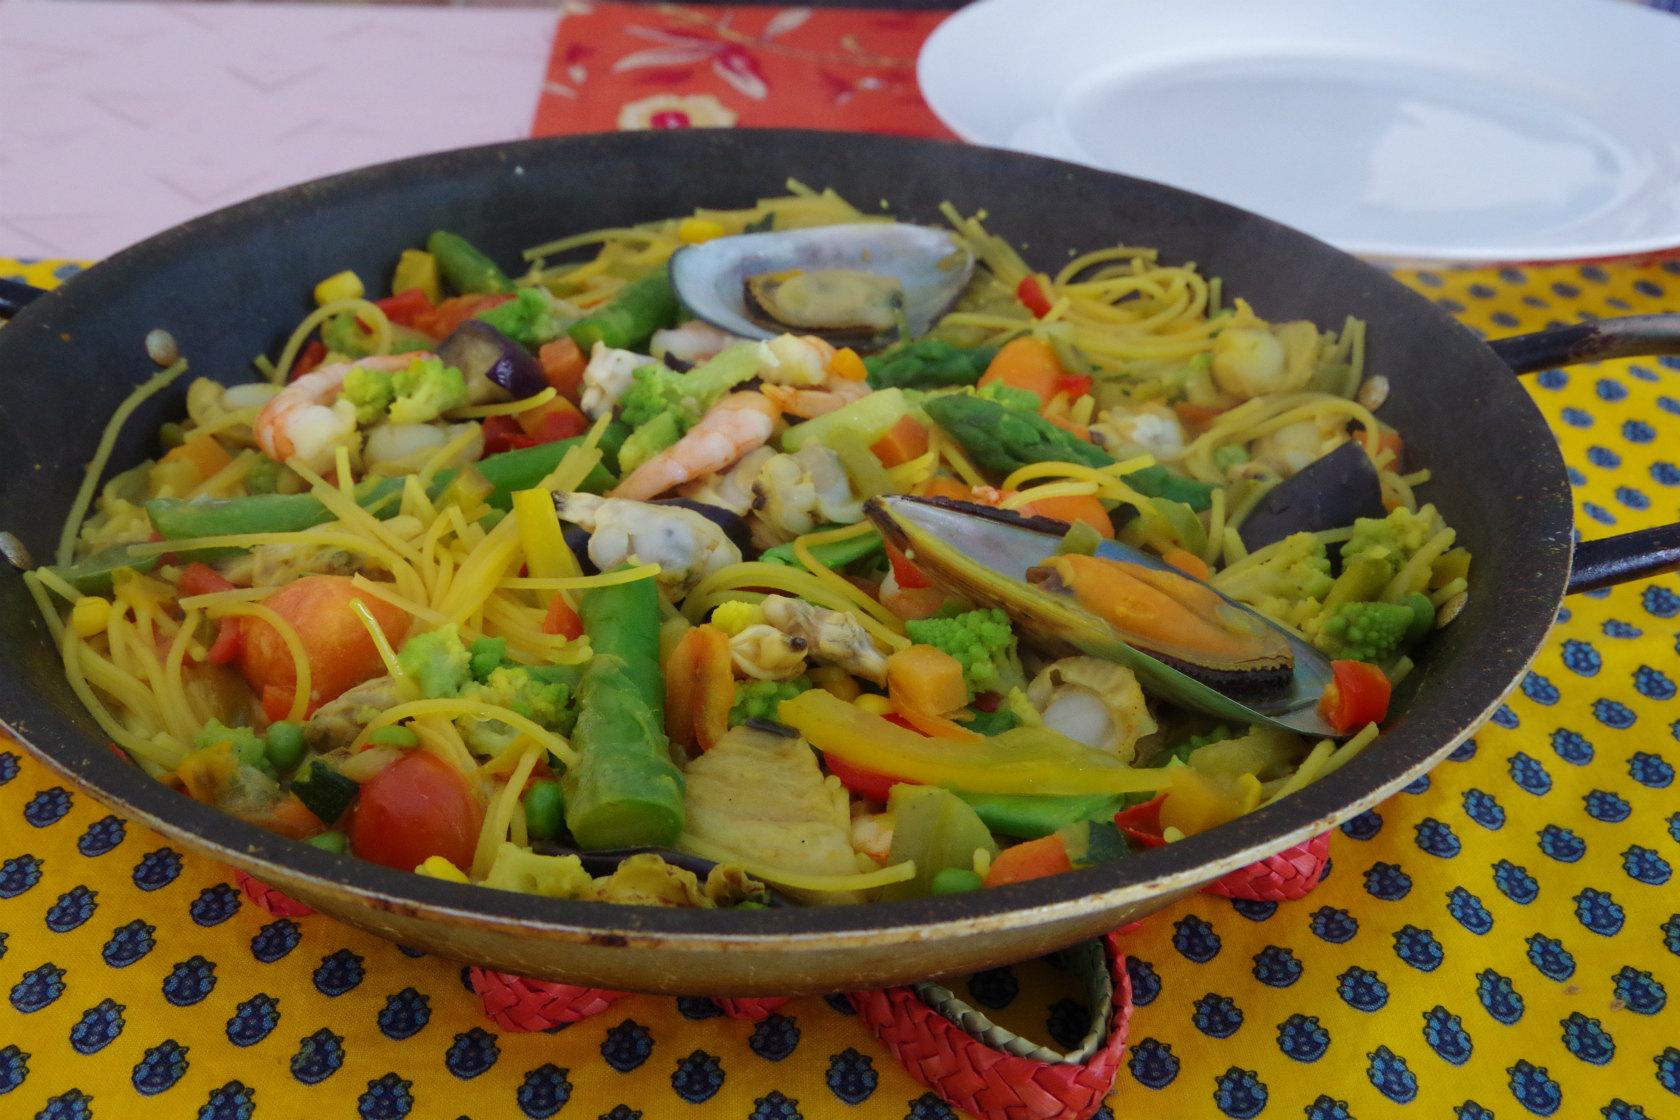 悪天候時はお休み。波打ち際のレストラン「ポセイドン」でパスタパエリア!